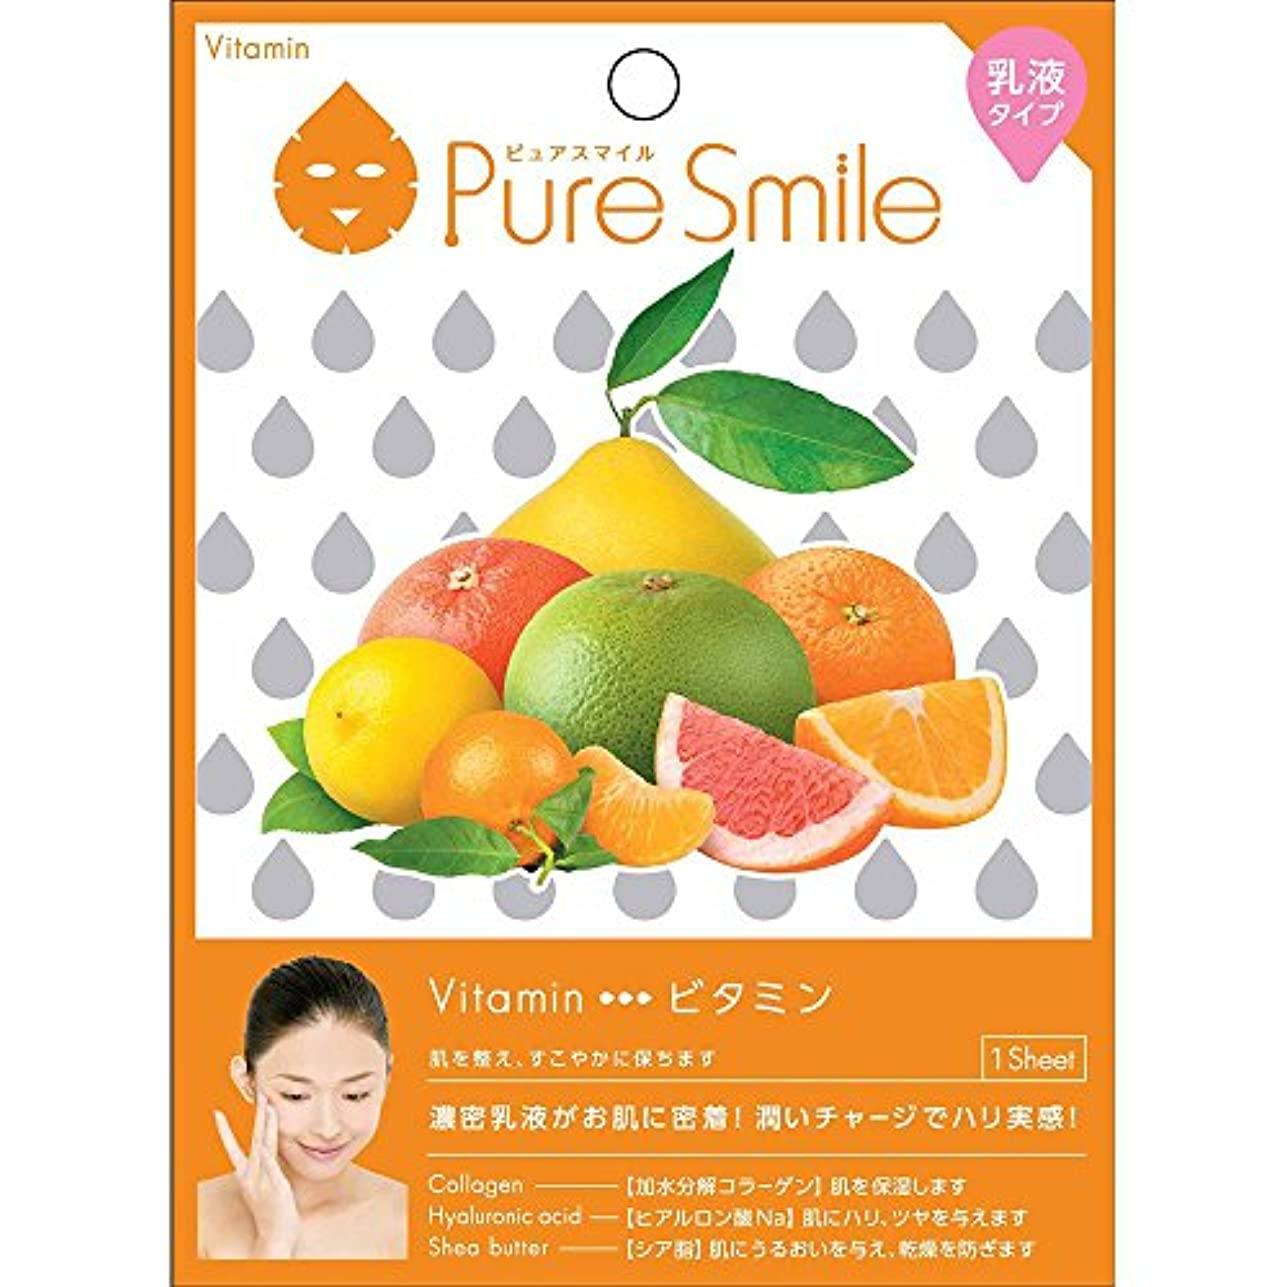 金銭的なレースお祝いPure Smile(ピュアスマイル) 乳液エッセンスマスク 1 枚 ビタミン